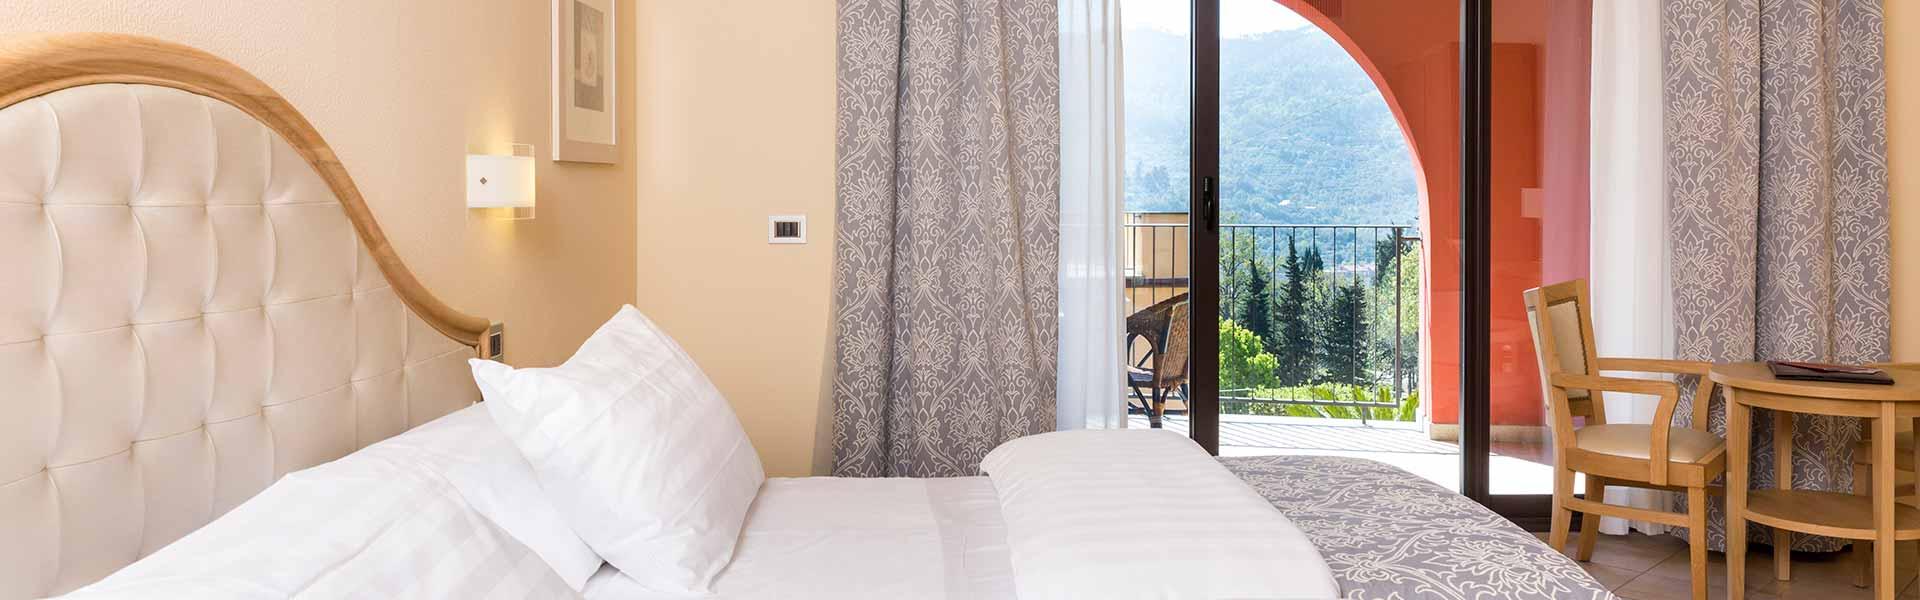 Camera Doppia con Balcone-Loggiato Park Hotel Argento Resort SPA Levanto